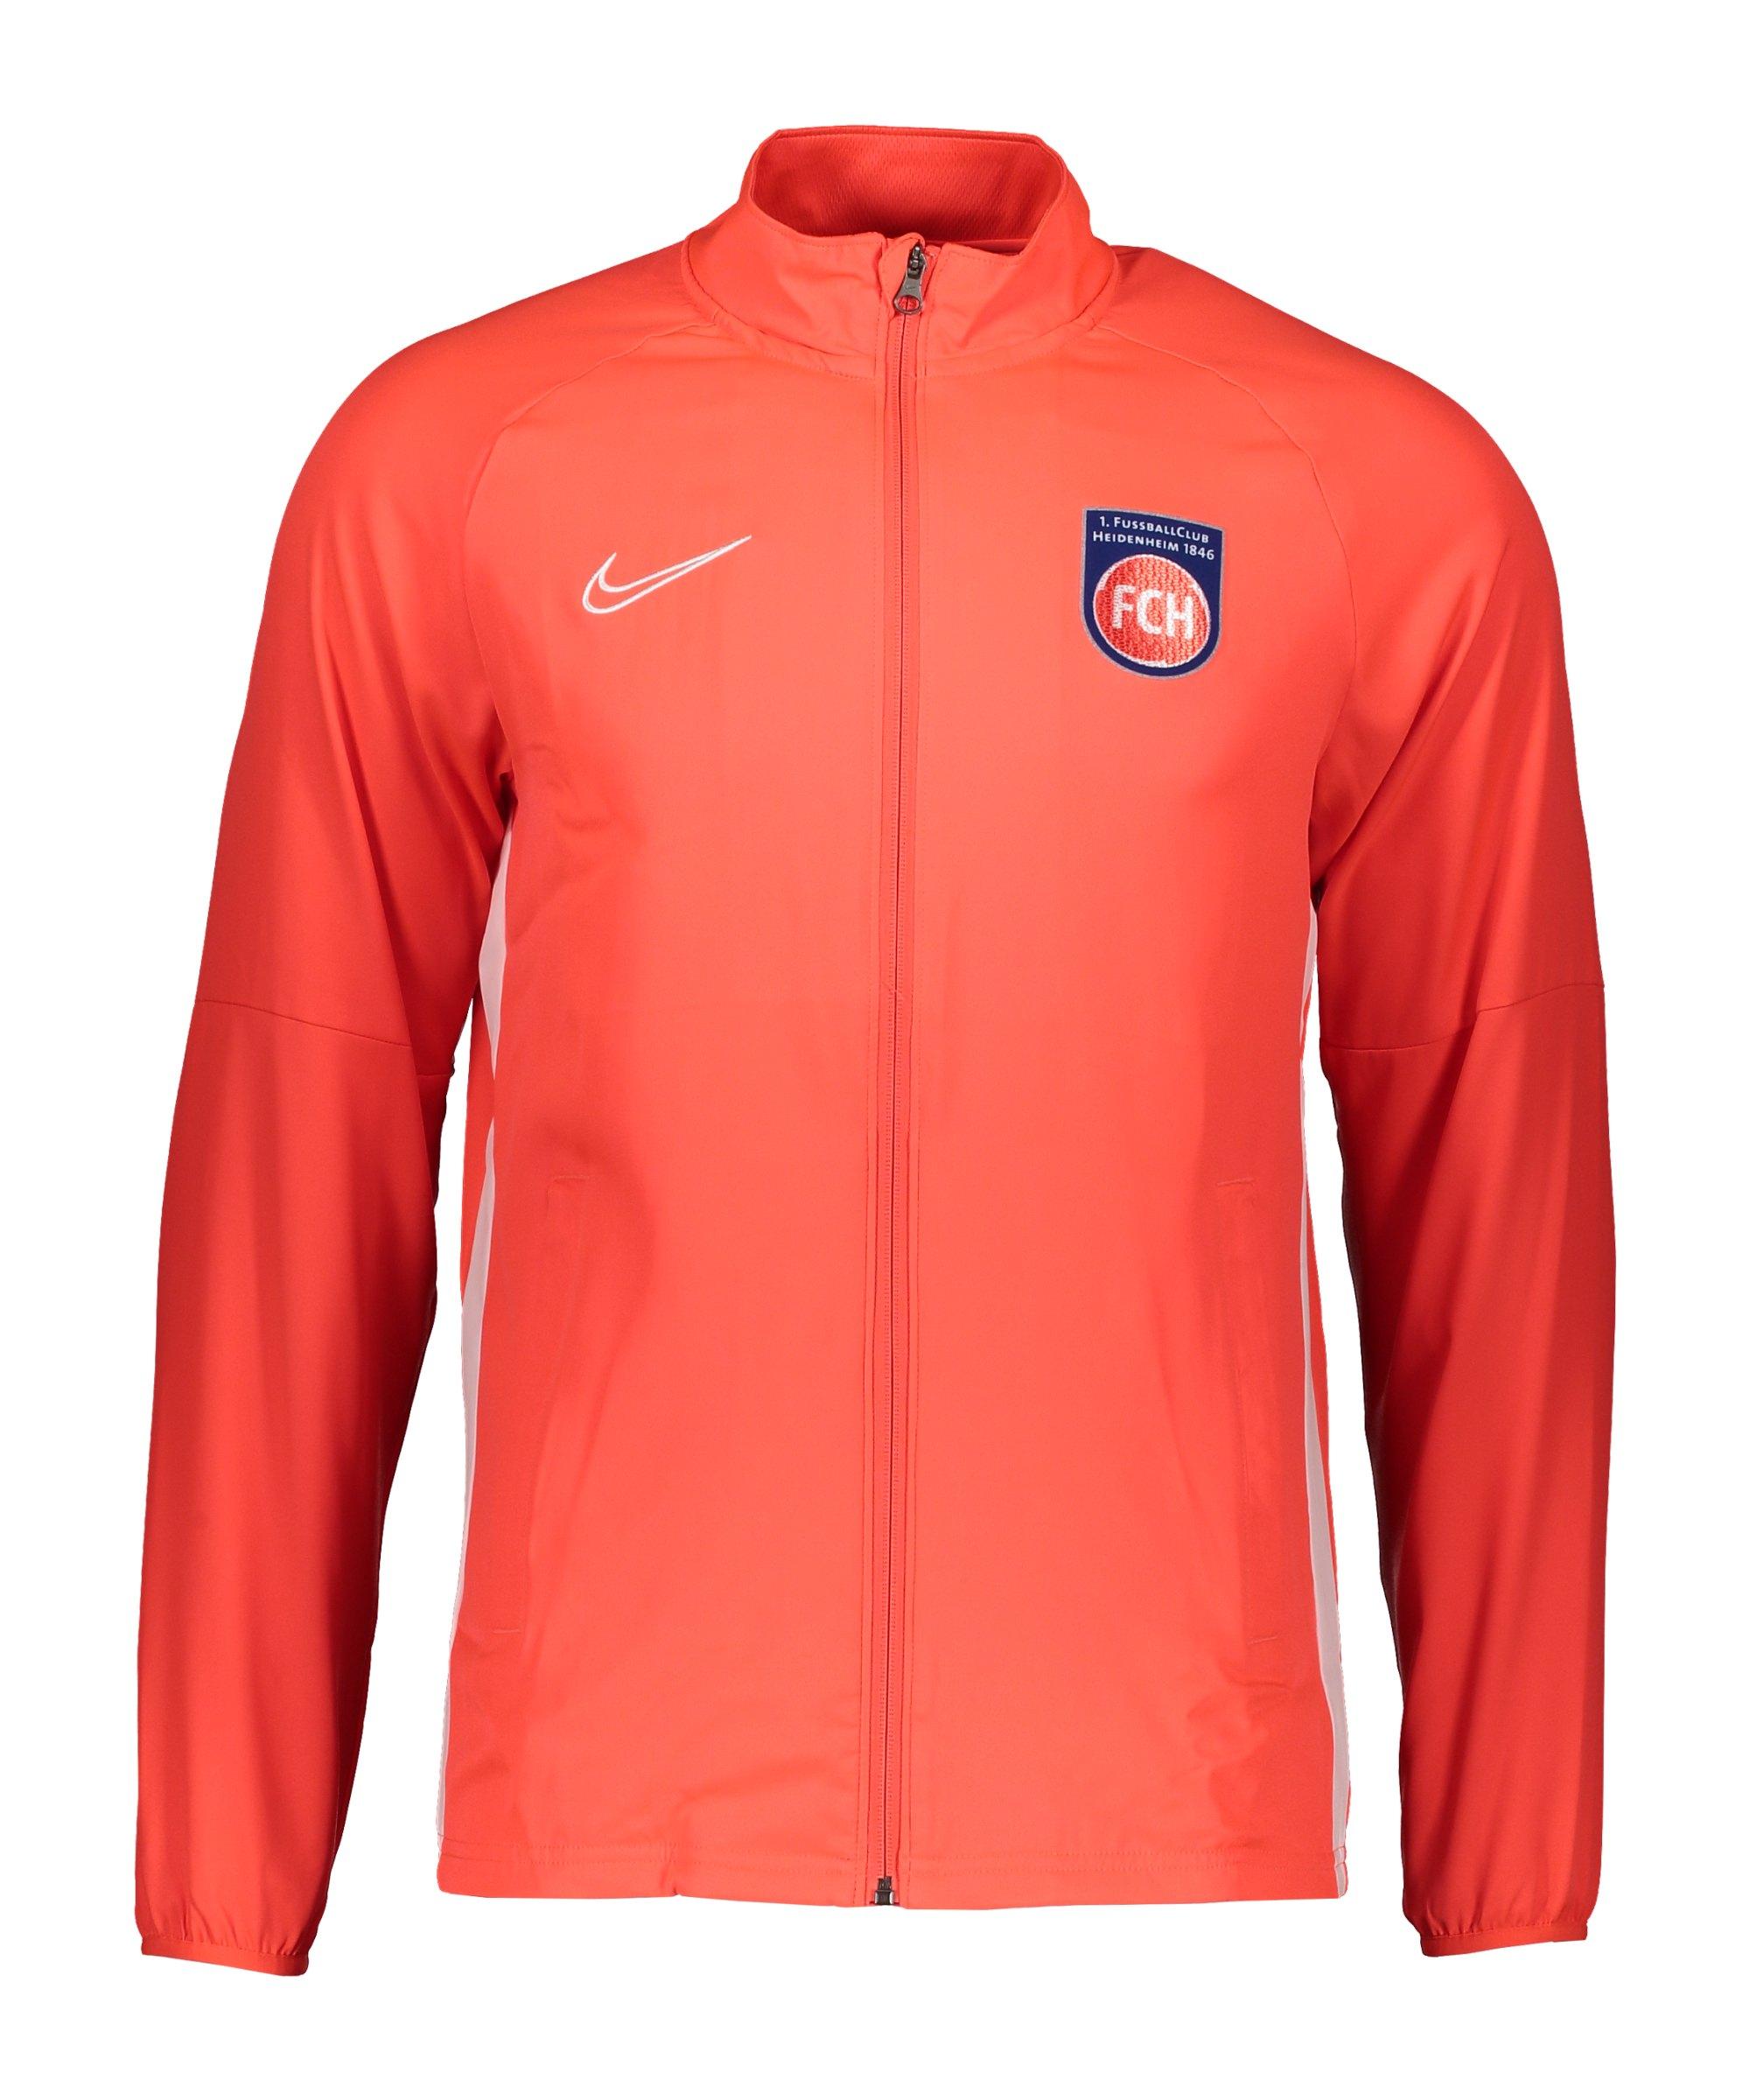 Nike 1. FC Heidenheim Trainingsjacke Rot F671 - rot